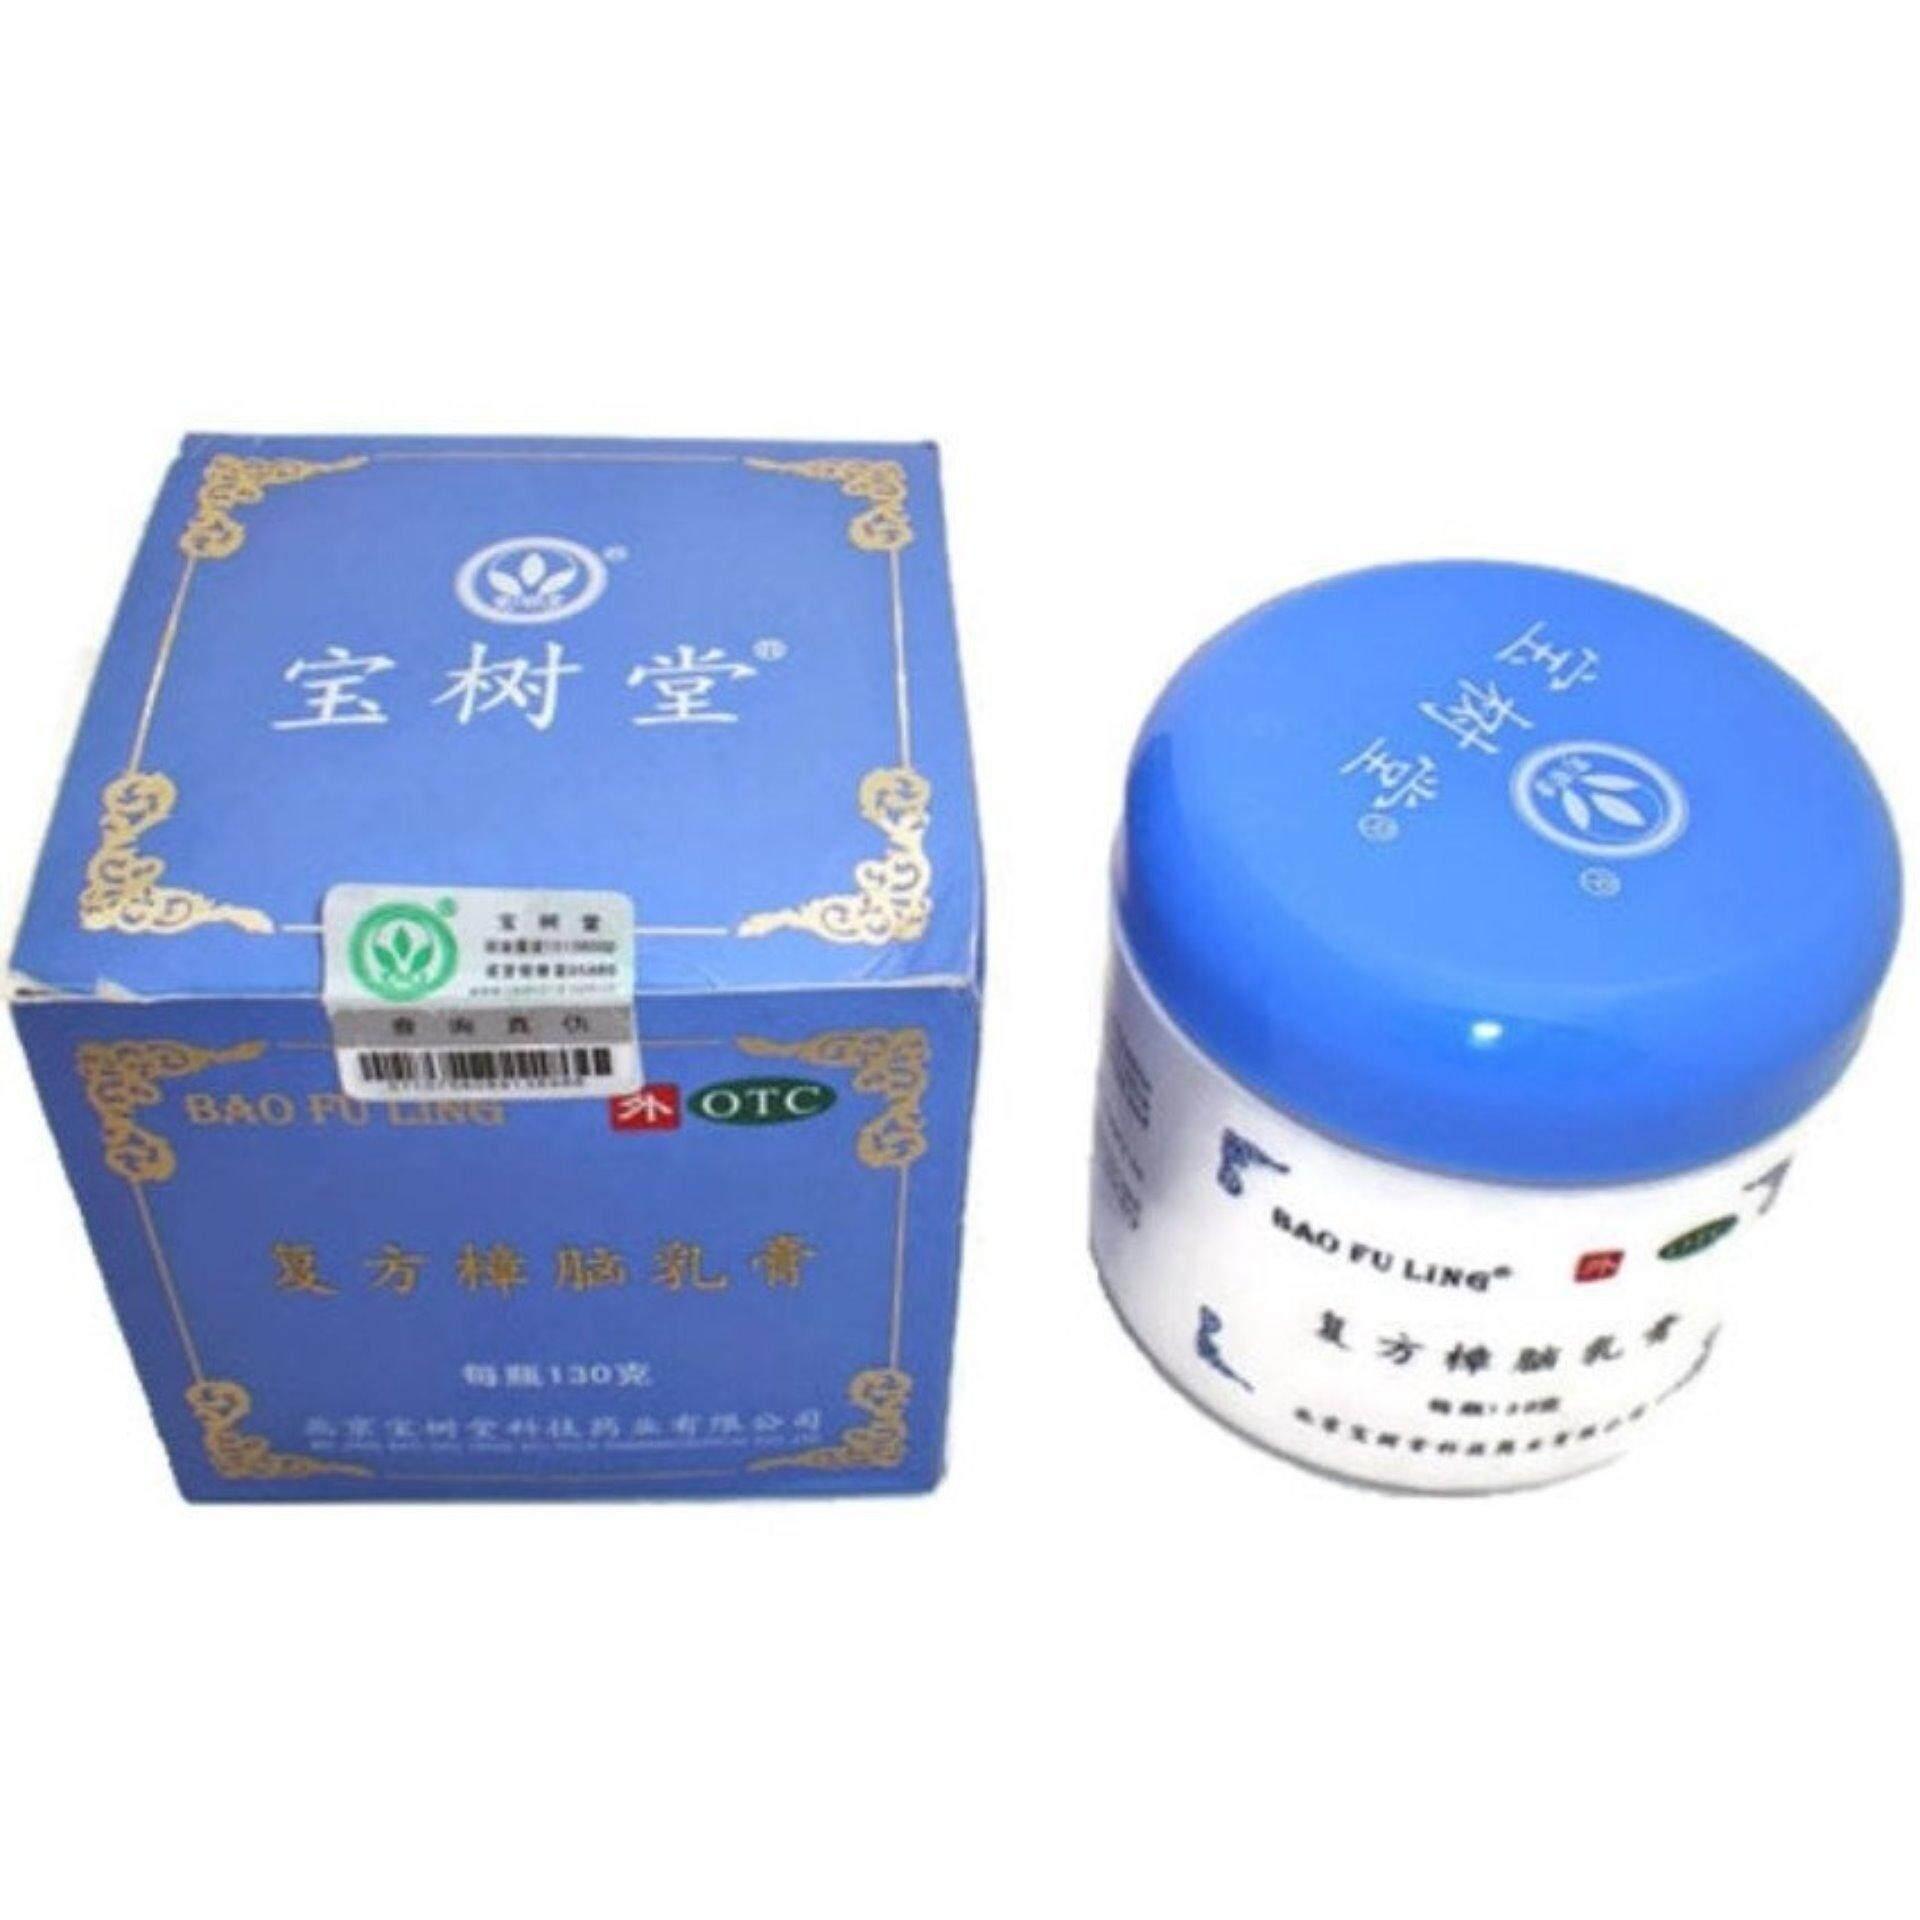 Bao Fu Ling Compound Camphor Cream ครีมบัวหิมะ เป่าฟูหลิง 100g (กล่องสีฟ้า)